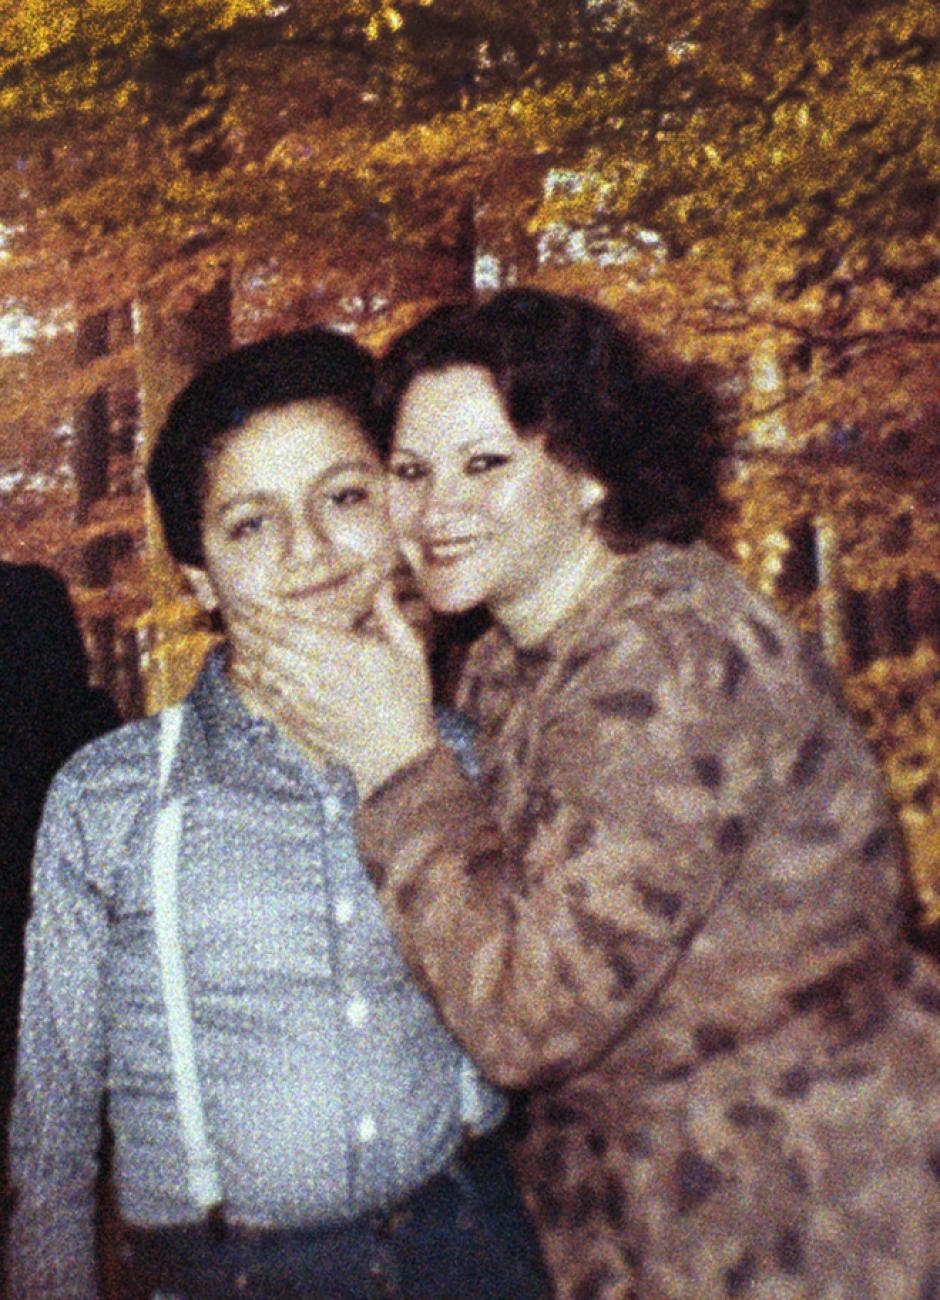 La madre del terrorista afirma que su hijo está preso en Guantánamo. (Imagen: Infobae)